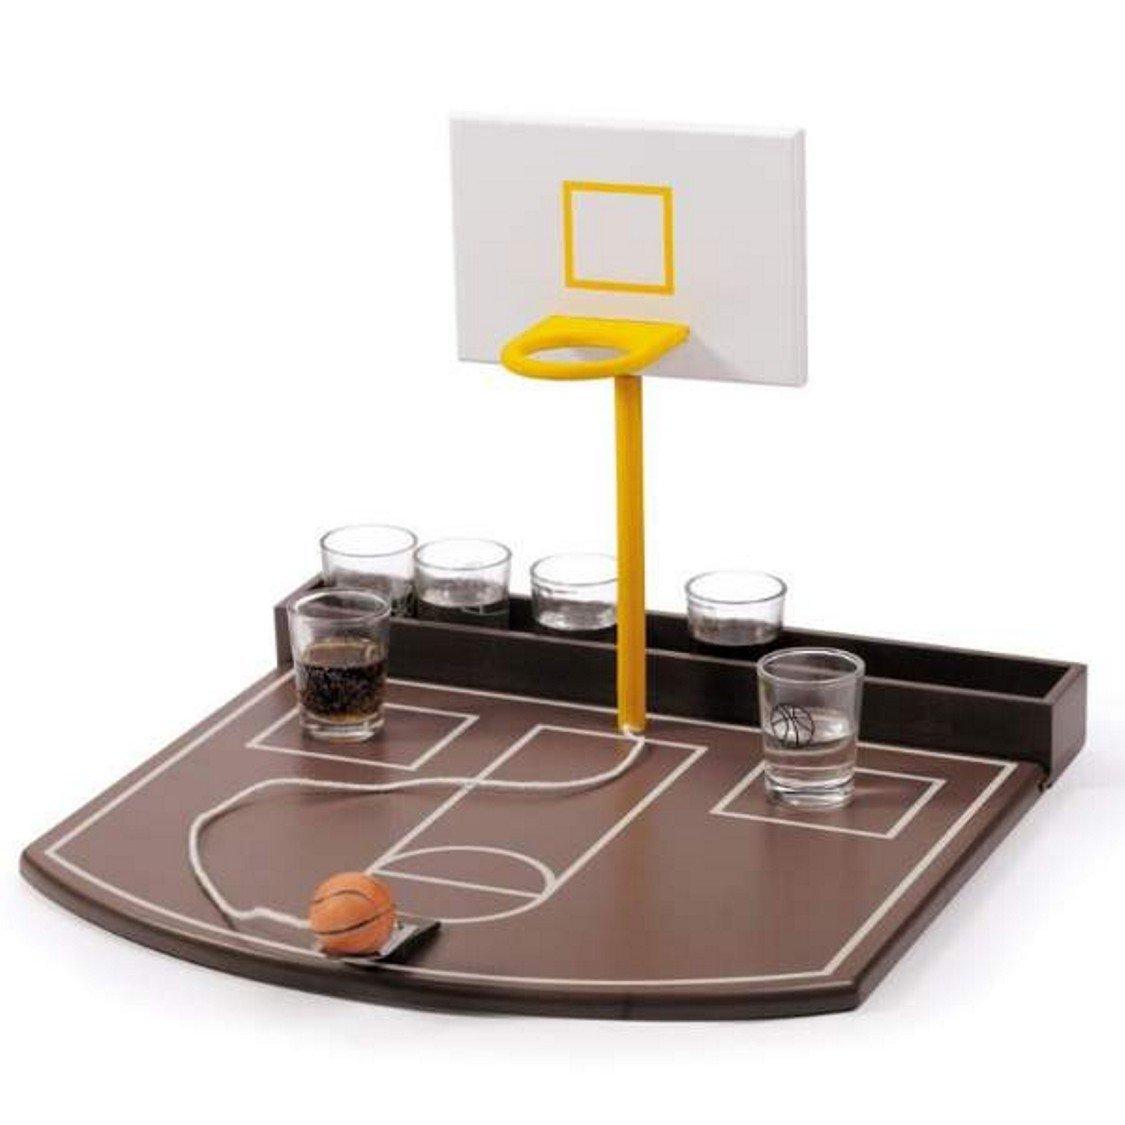 JUEGO BASKET 6 CHUPITOS 30X30X22,5 CM: Amazon.es: Juguetes y juegos